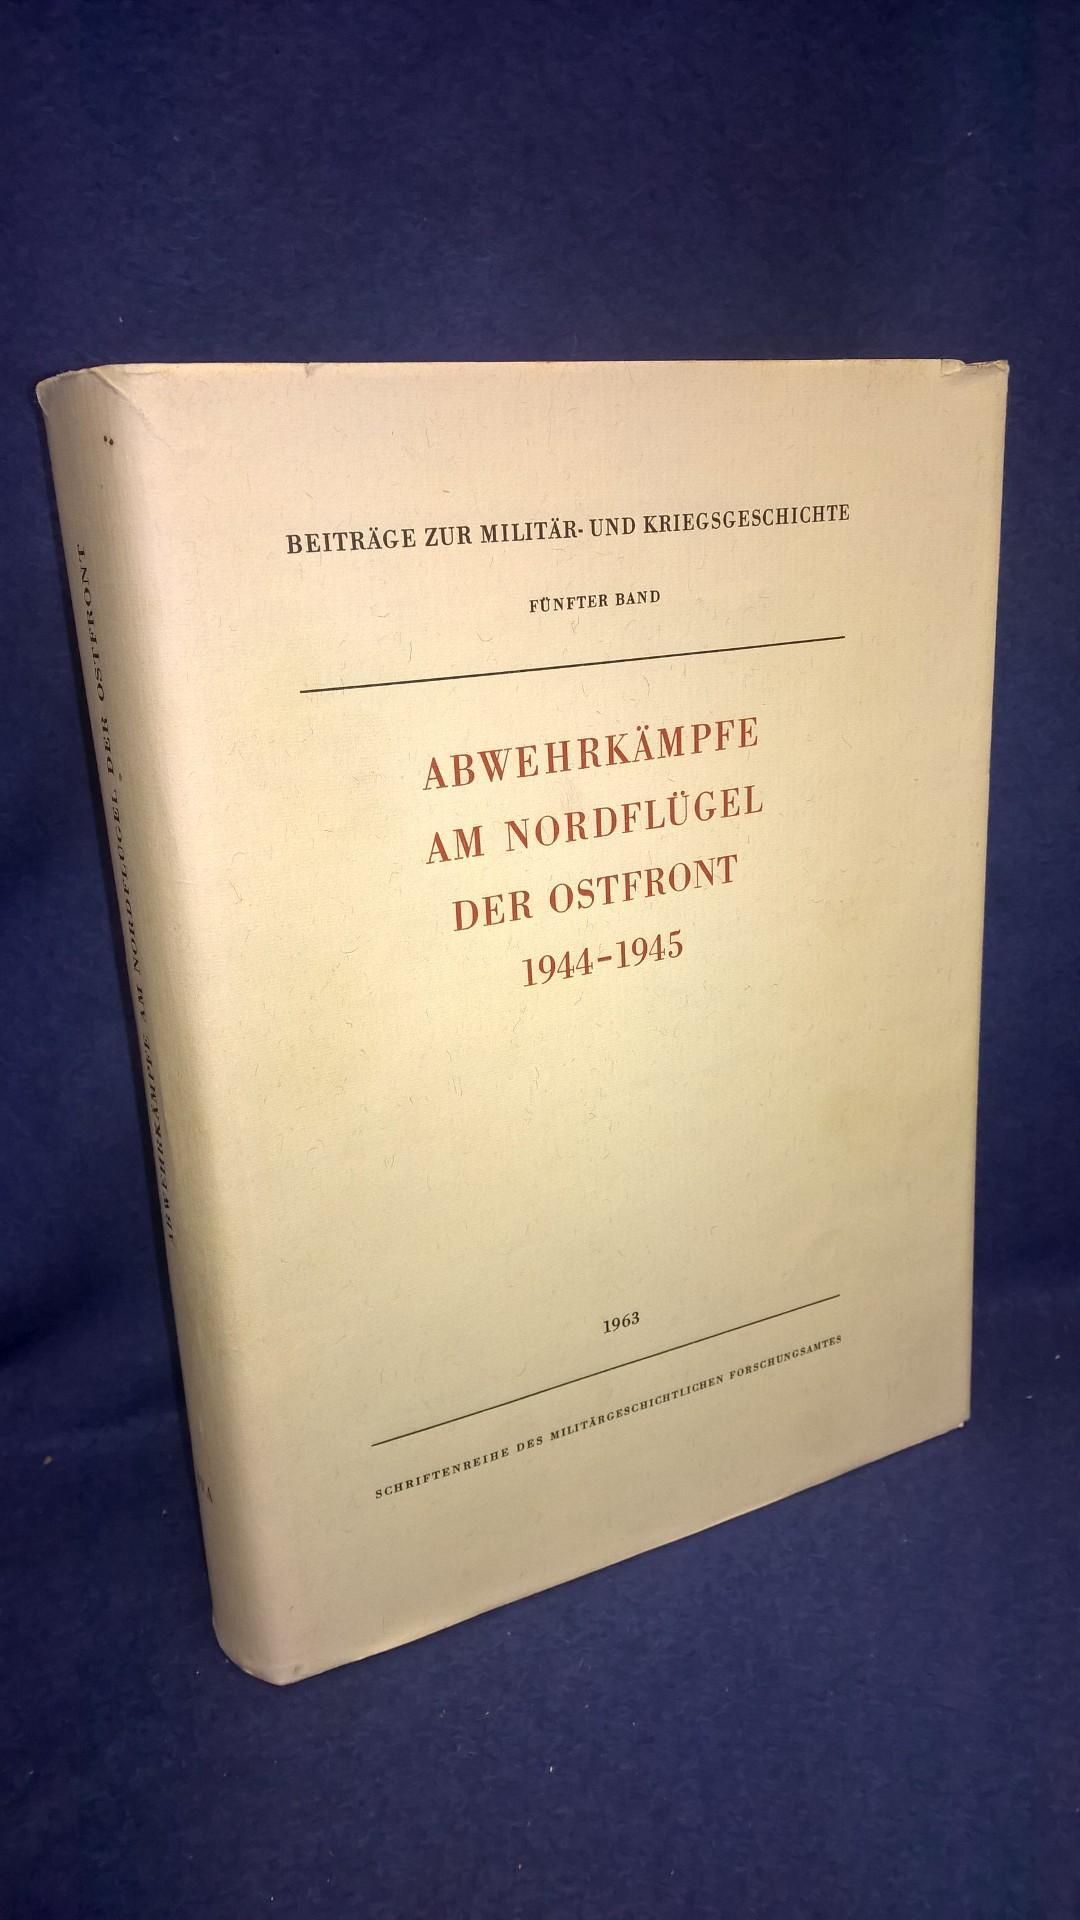 Abwehrkämpfe am Nordflügel der Ostfront, 1944-1945. Aus der Reihe: Beiträge zur Militär-und Kriegsgeschichte. Seltene und längst vergriffene Rarität!!